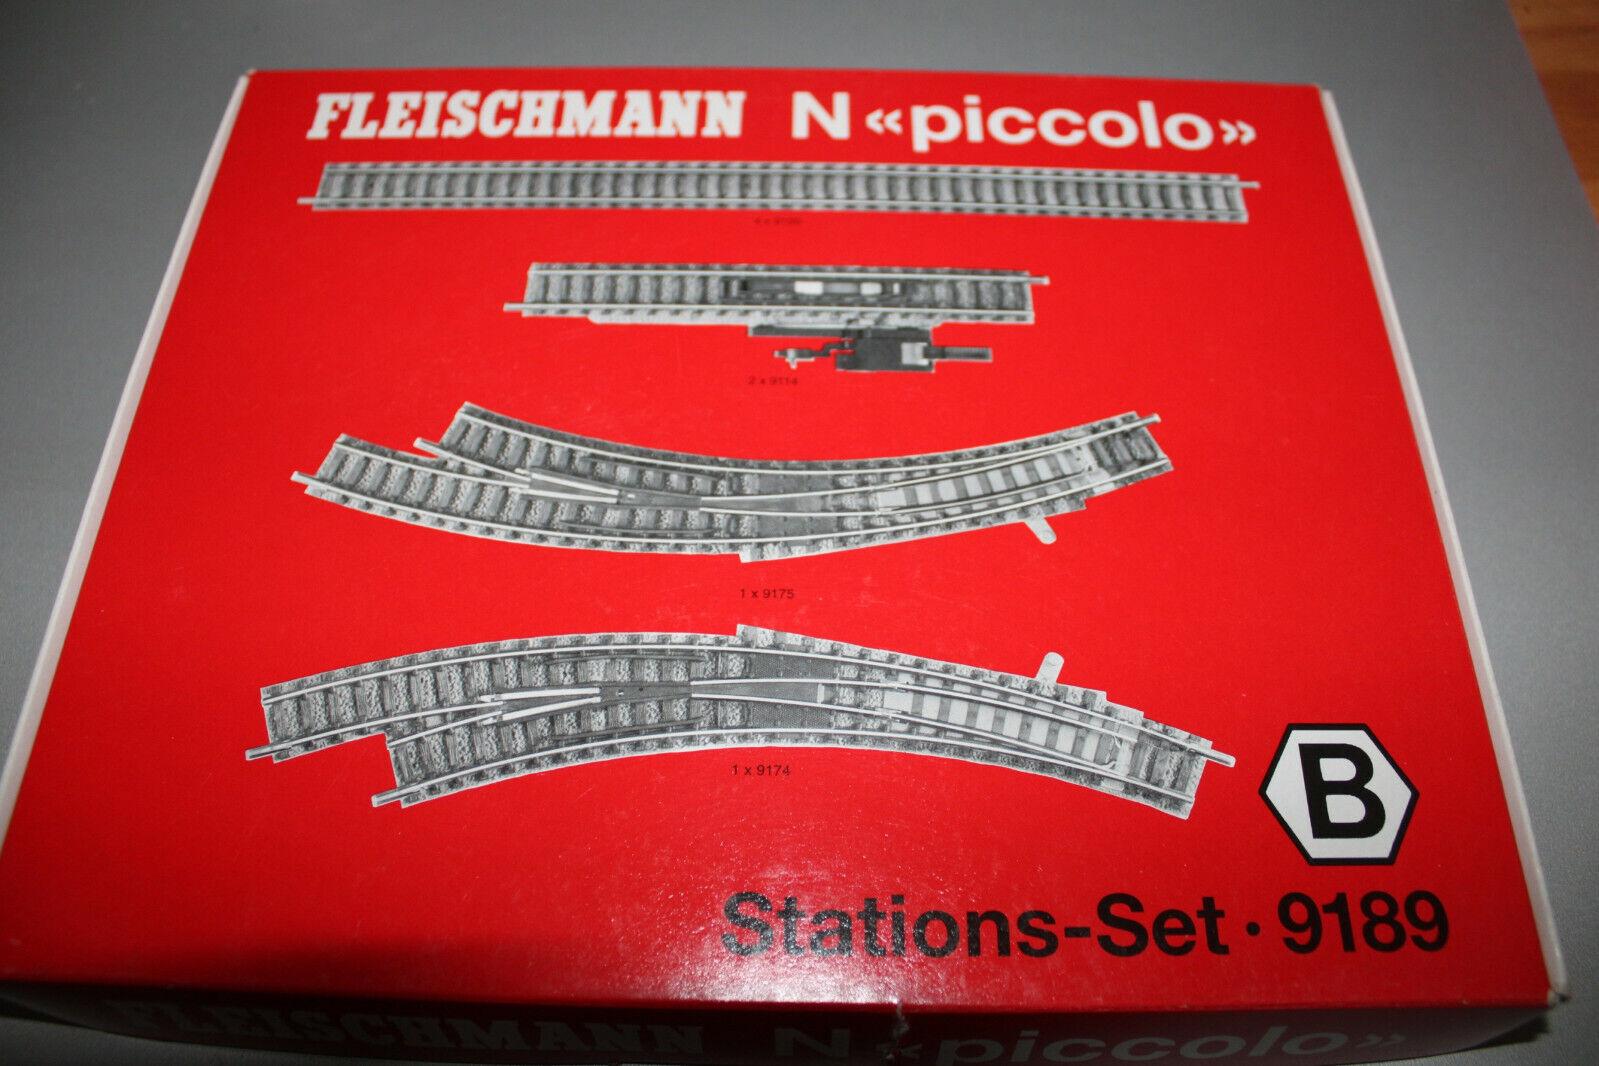 Fleischmann 9189 vía-set stationsset B pista n OVP